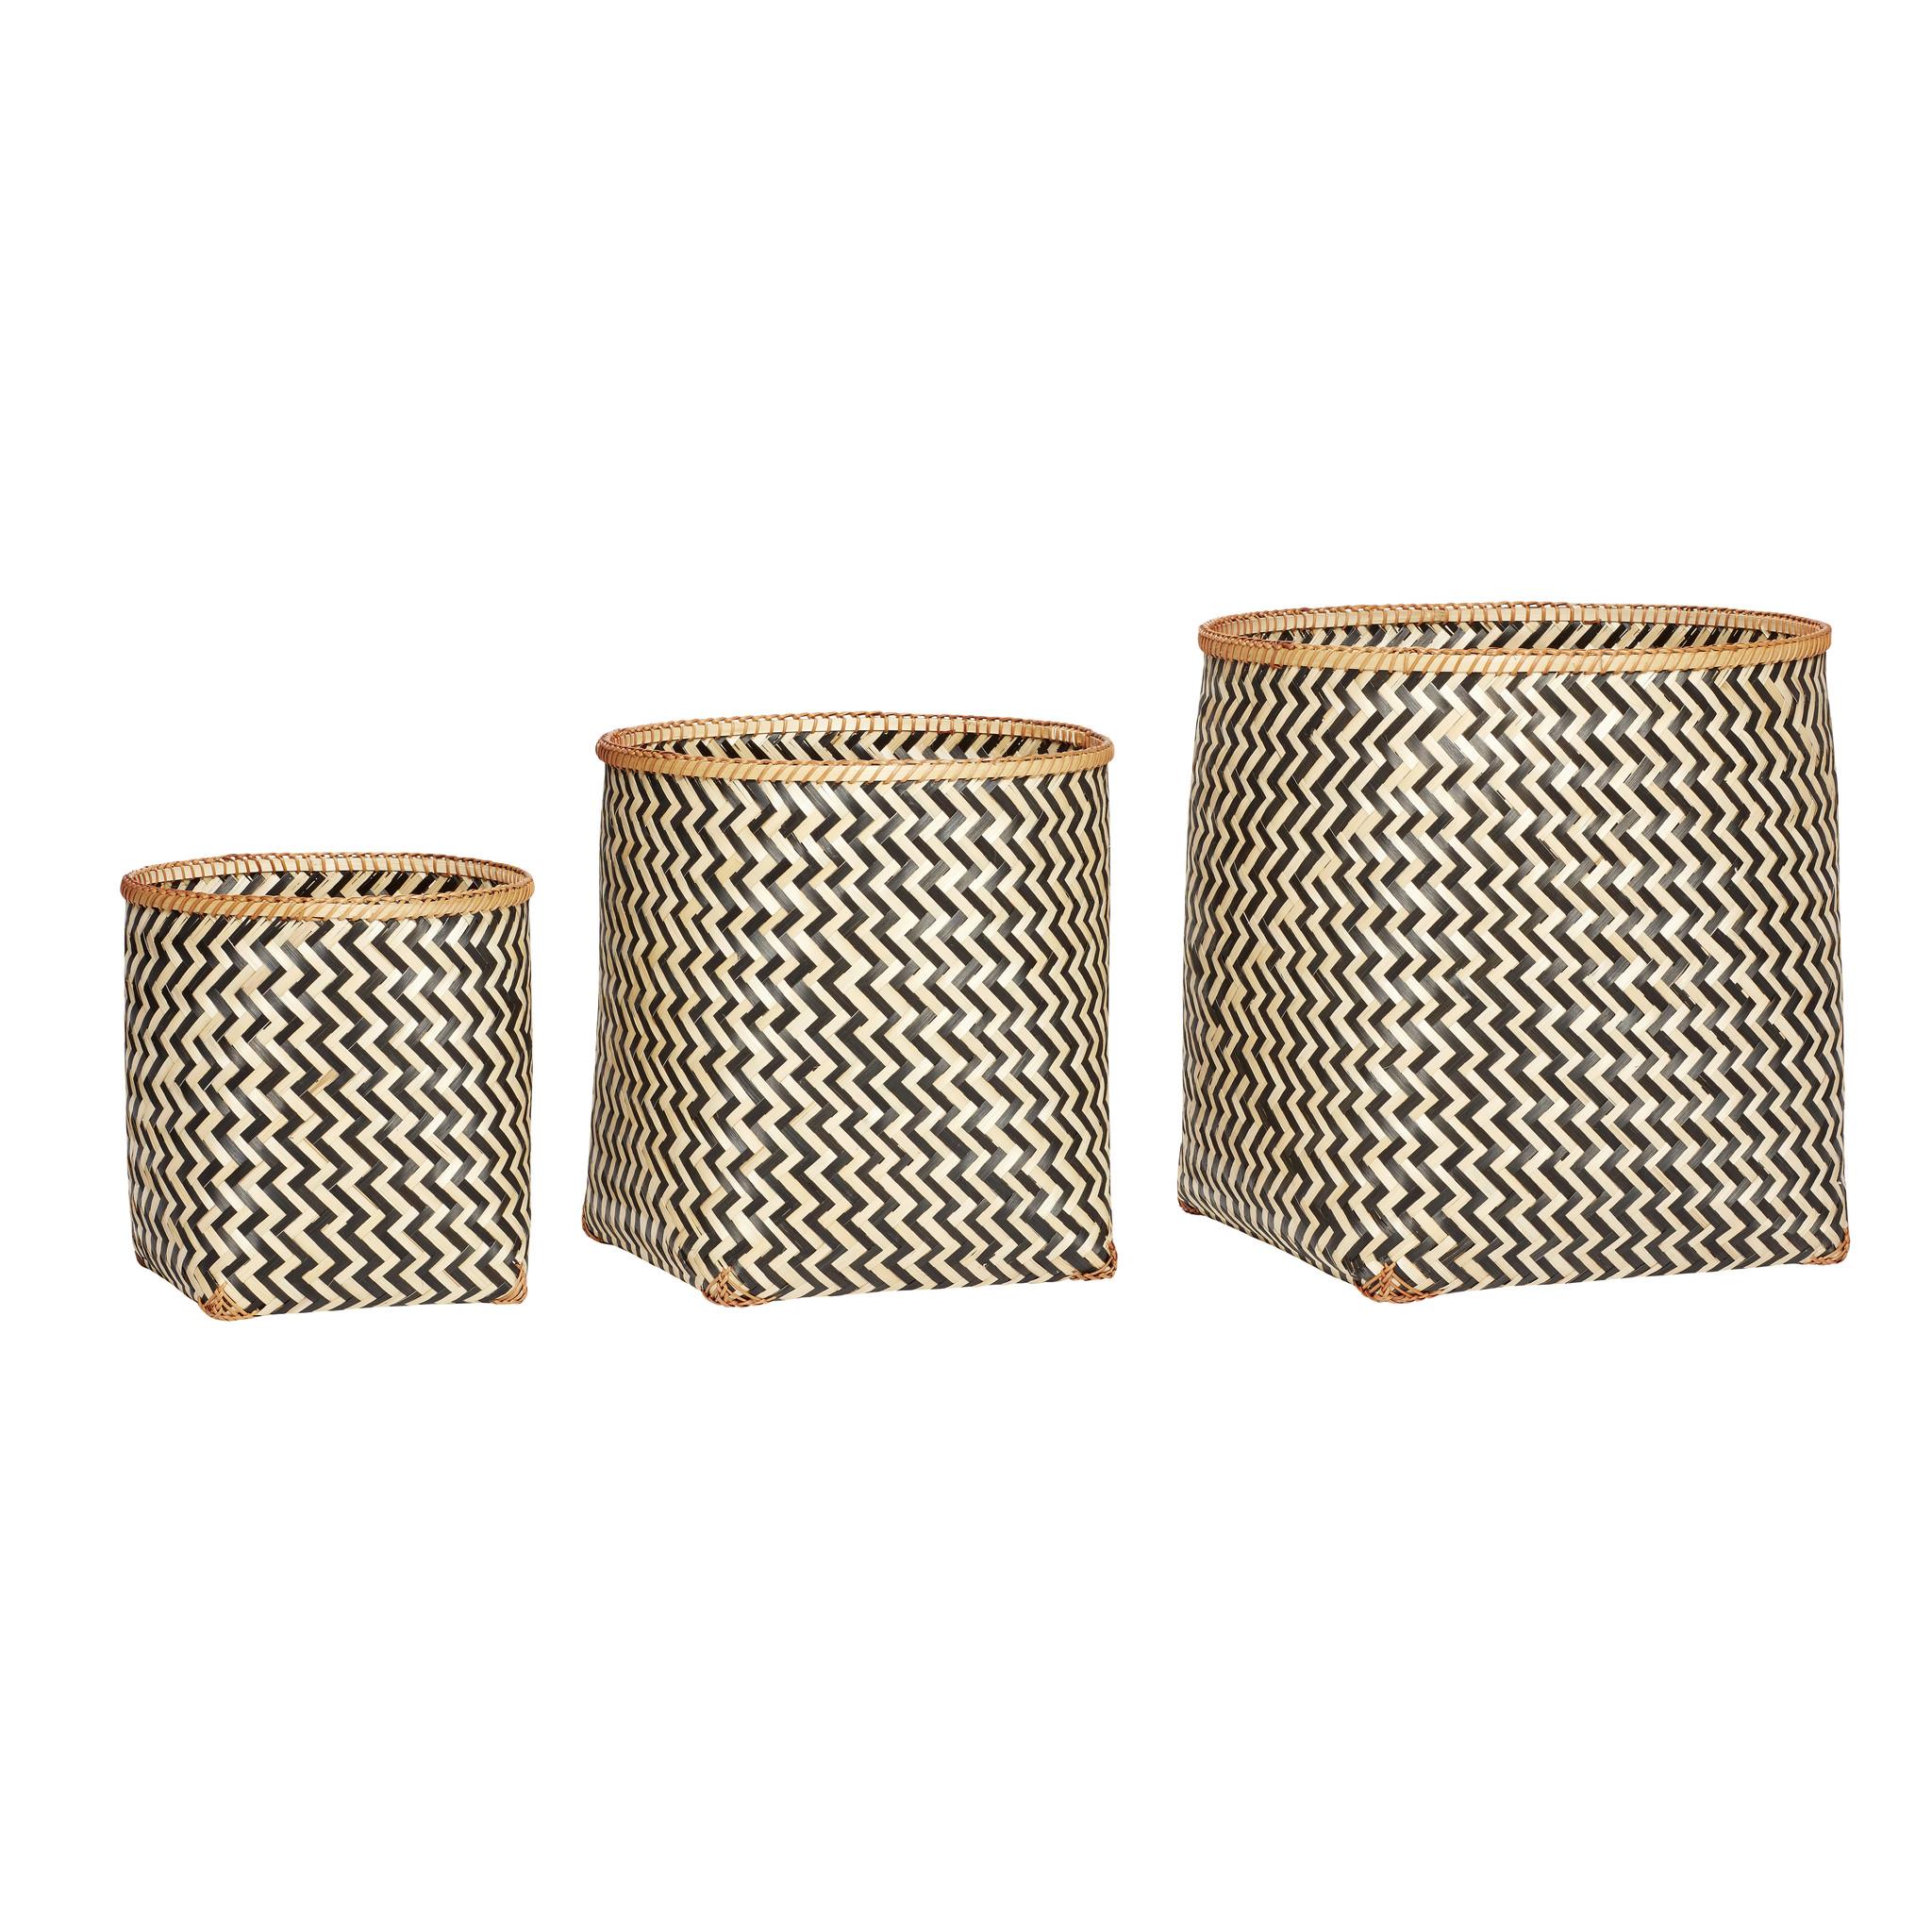 Hubsch Mand, rond, bamboe, natuur / zwart, set van 3-520207-5712772060889